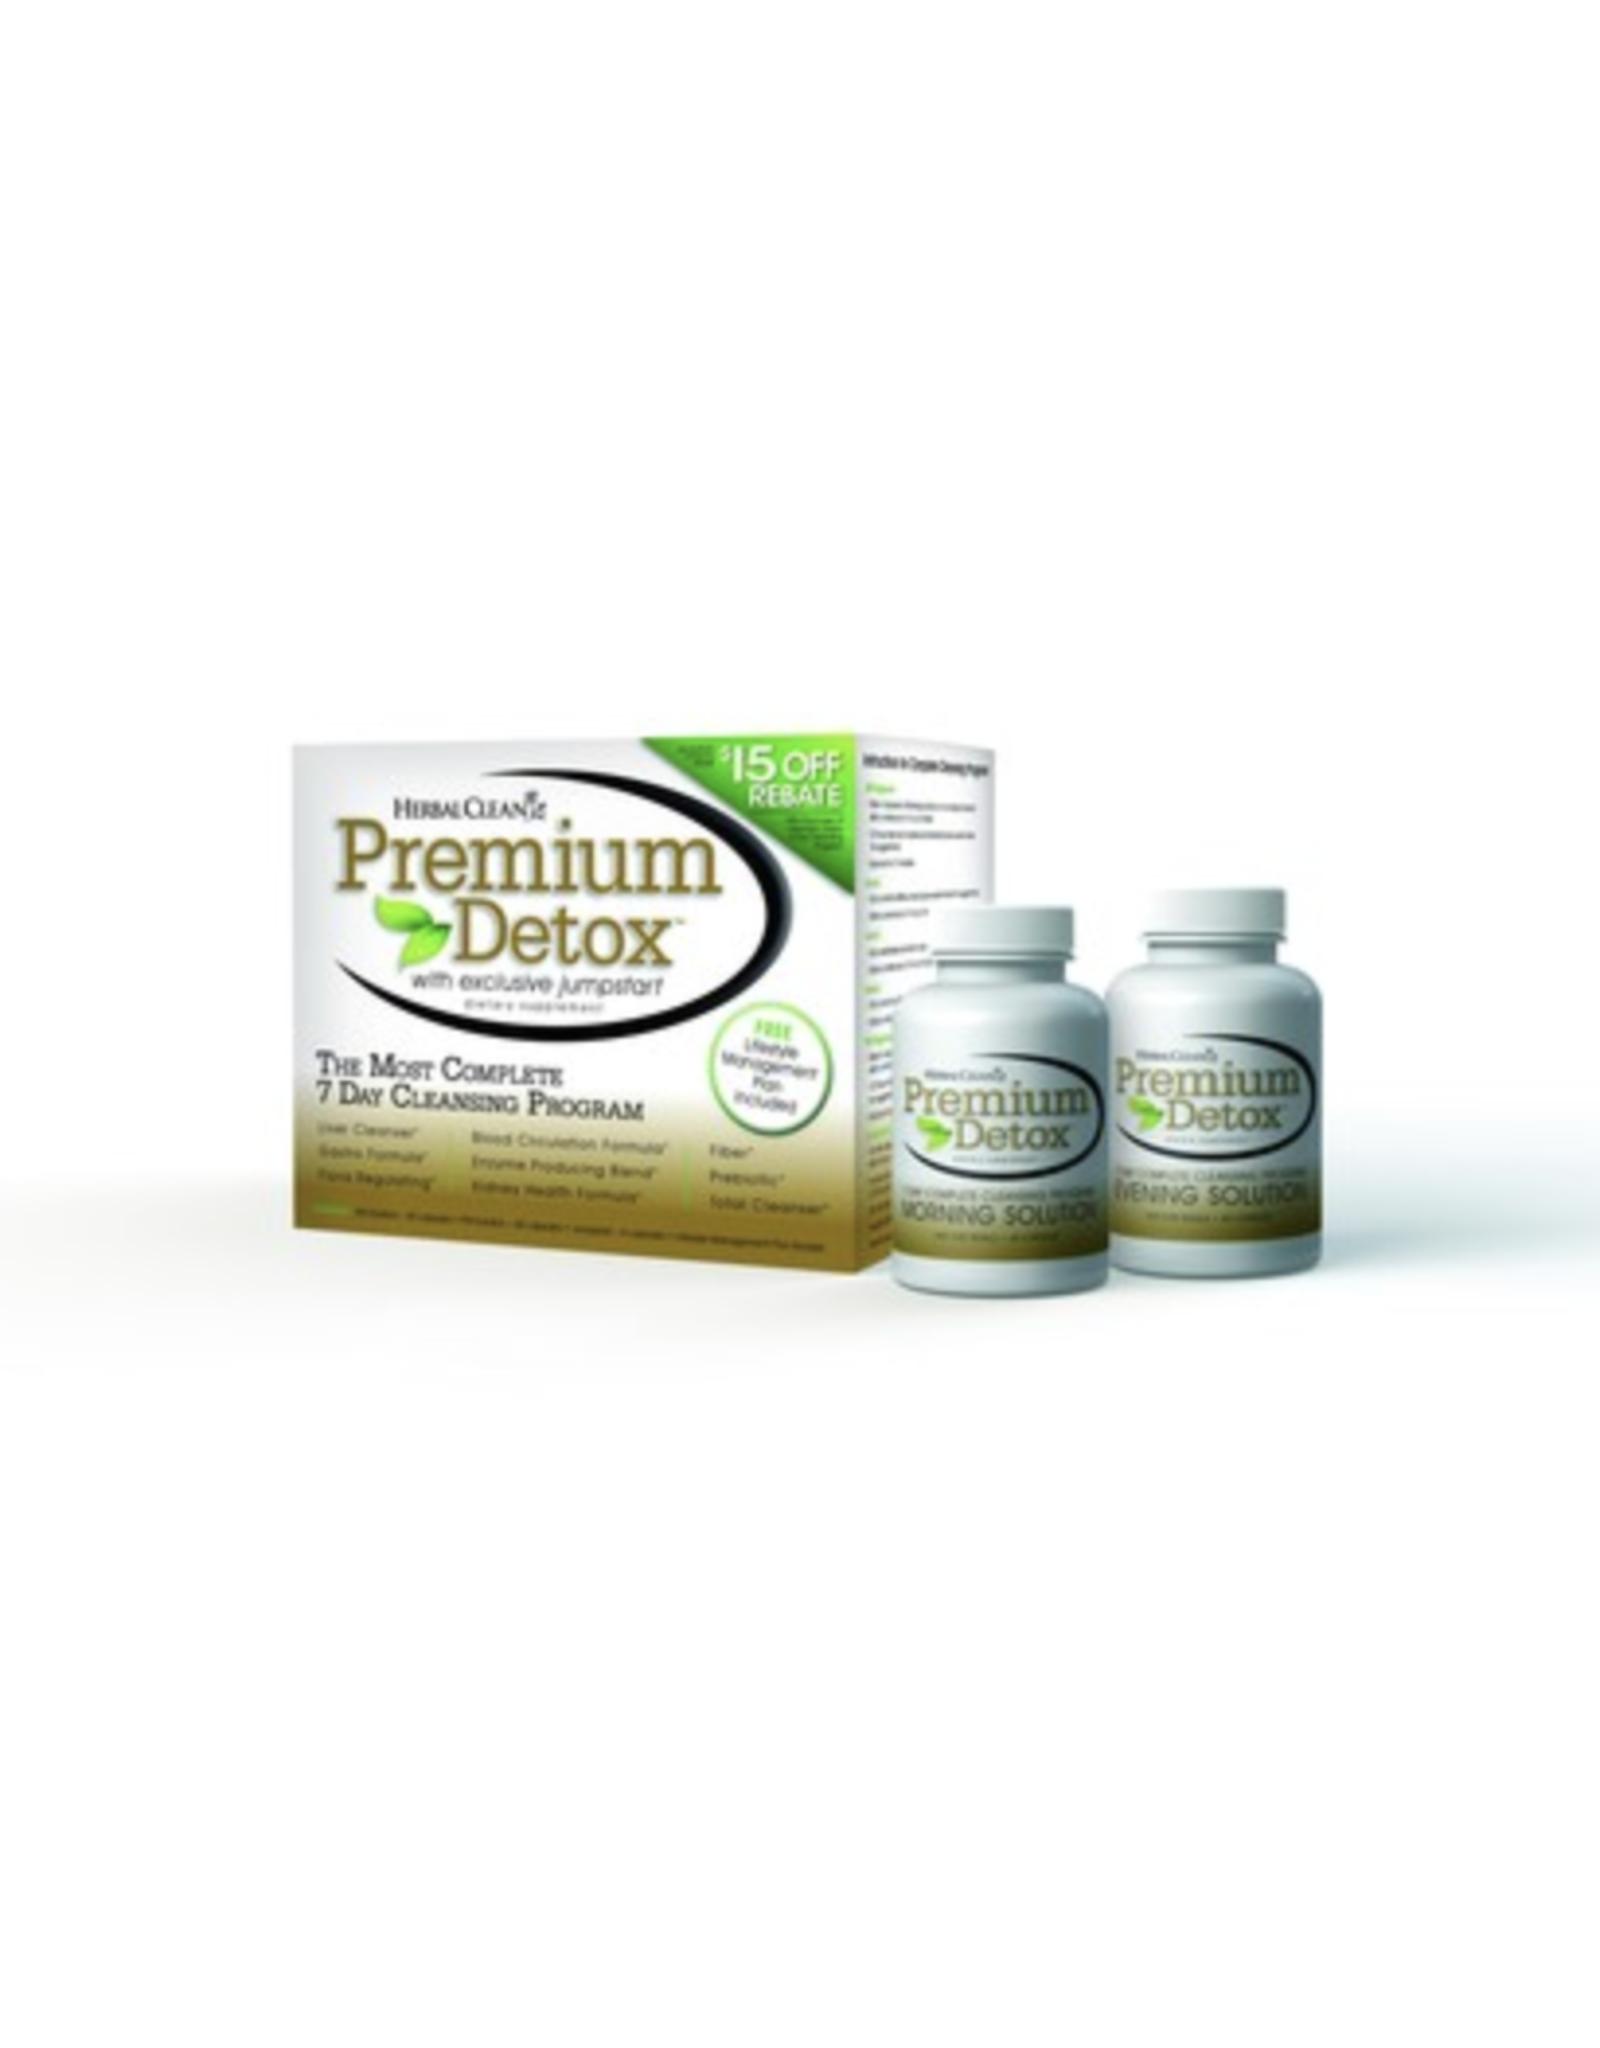 Herbal Clean Herbal Clean Premium Detox